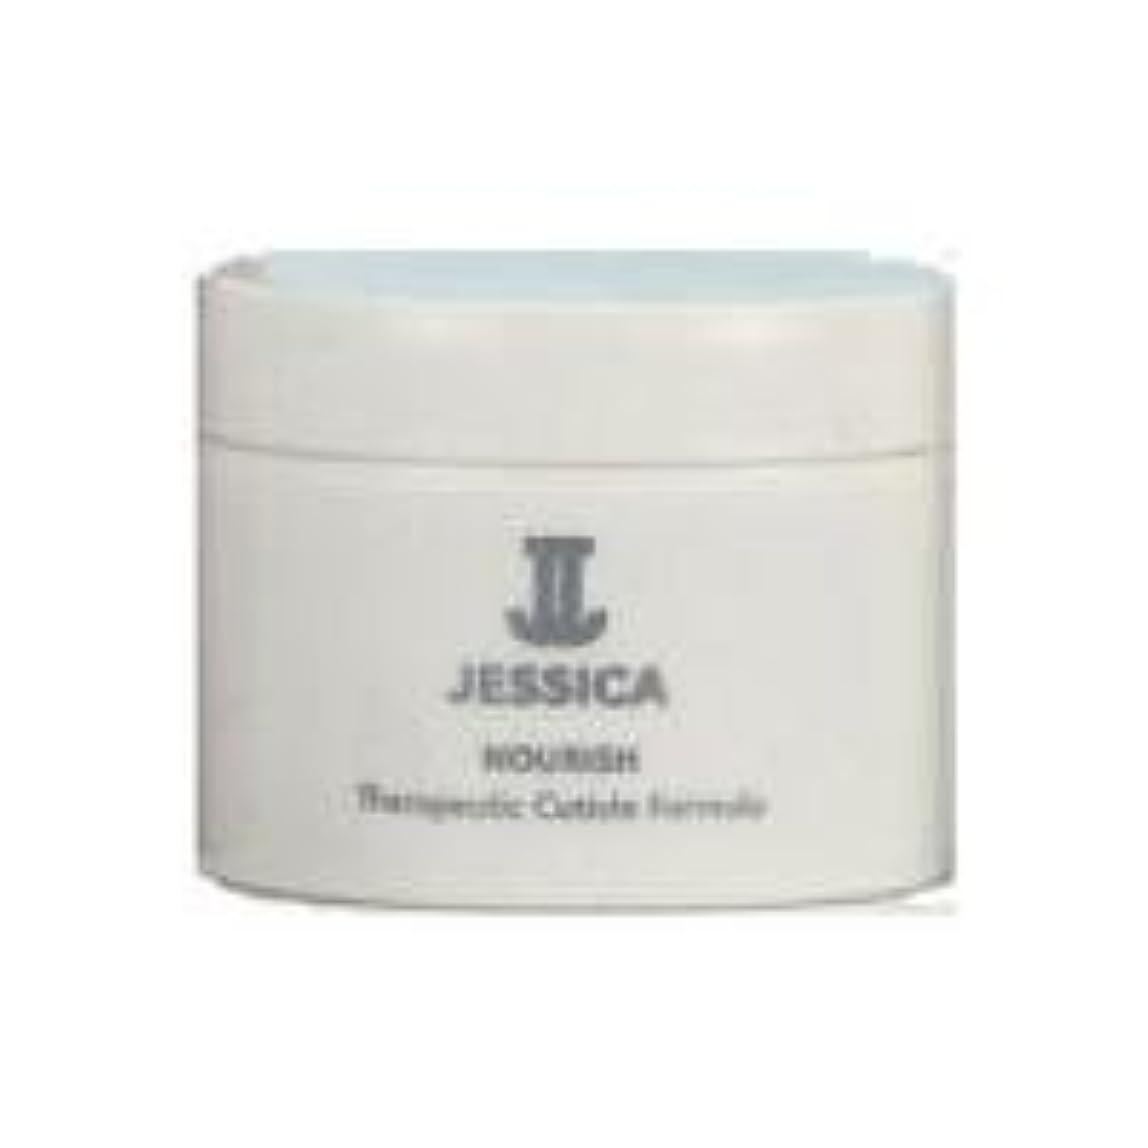 増加する地上で置換JESSICA NOURISH ジェシカナリッシュ 28.4g